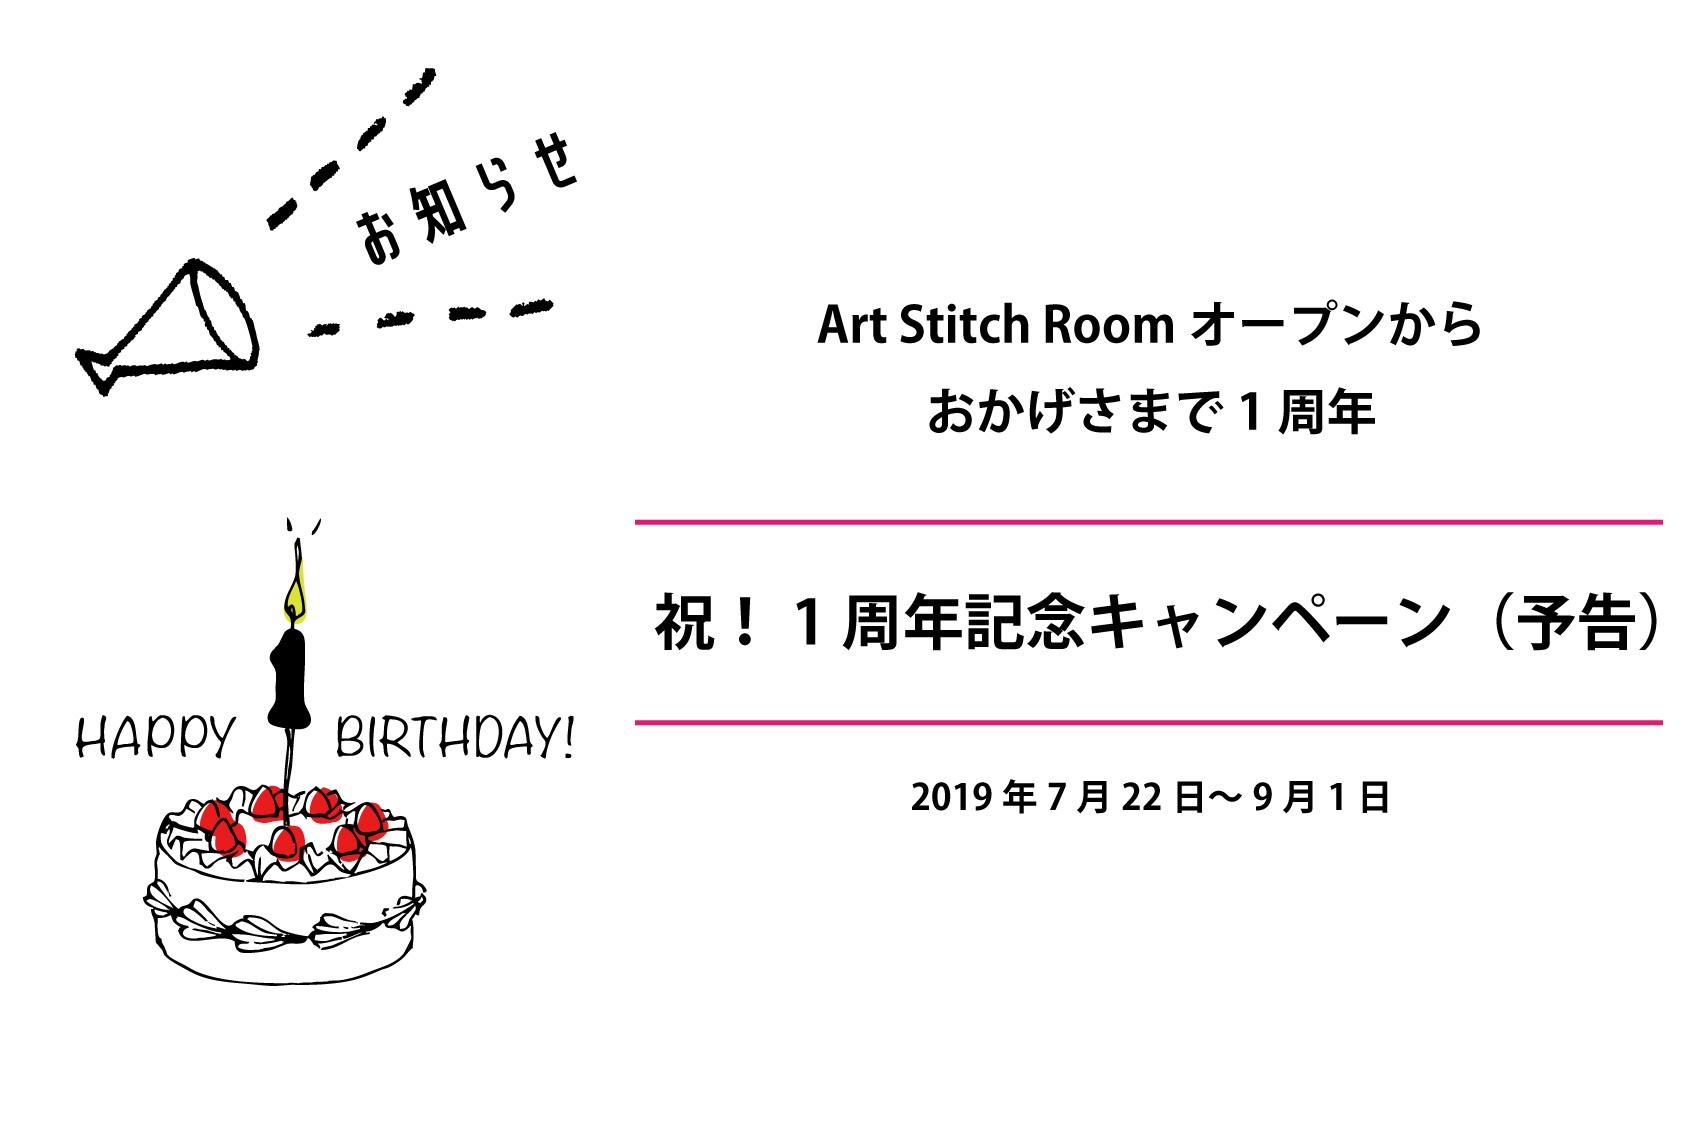 オルガン針株式会社が運営するミシンユーザーのための情報発信型通販サイトArt Stitch Room Powered by ORGAN NEEDLE CO.,LTD.(アートスティッチルーム)|【お知らせ】Art Stitch Room1周年記念キャンペーン開催中!